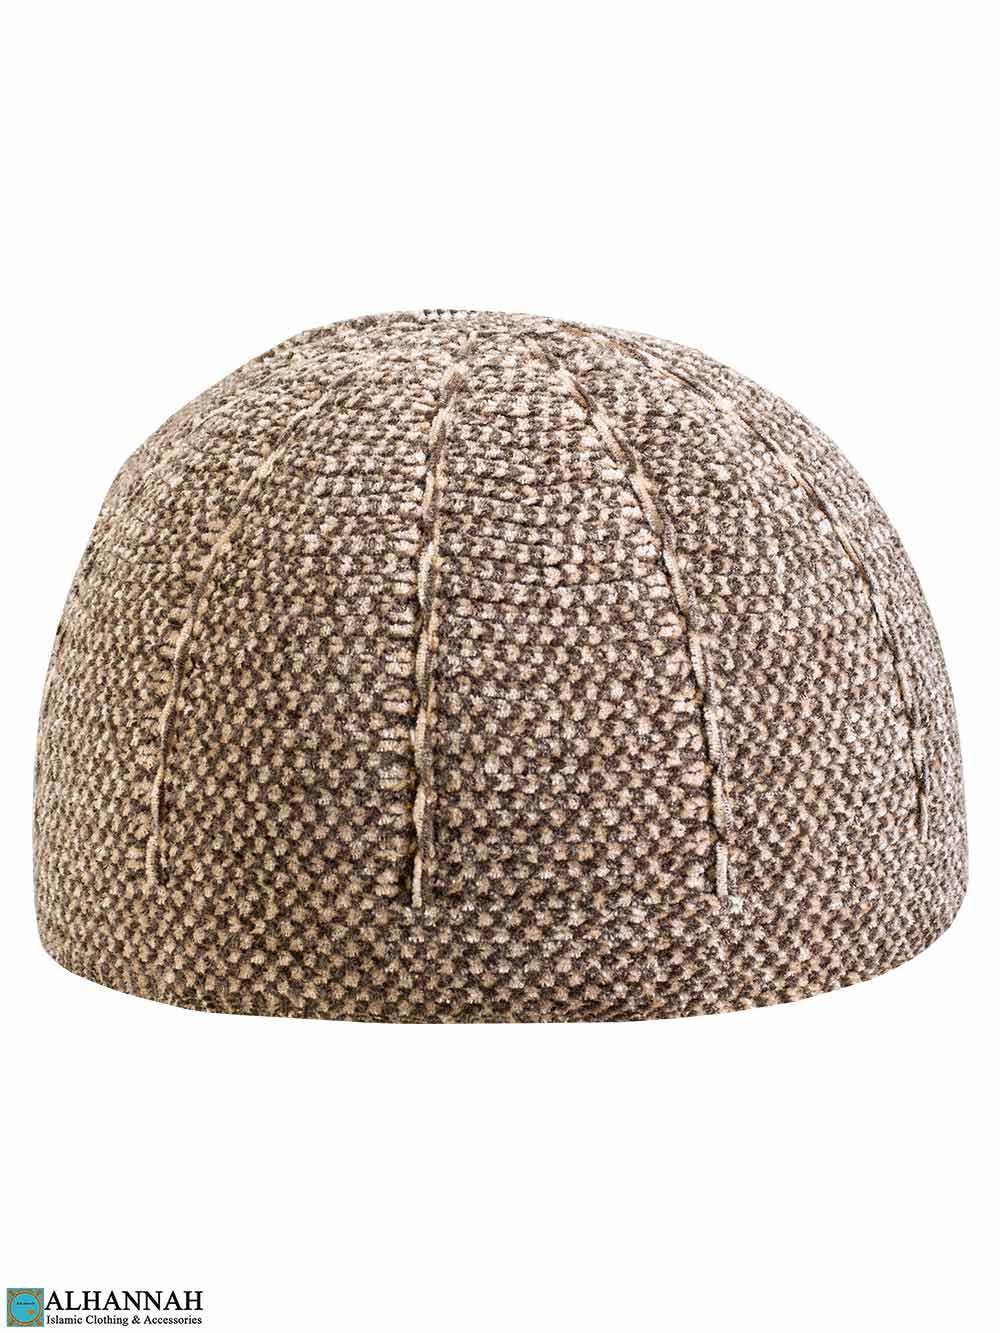 Tan Kufi Cap